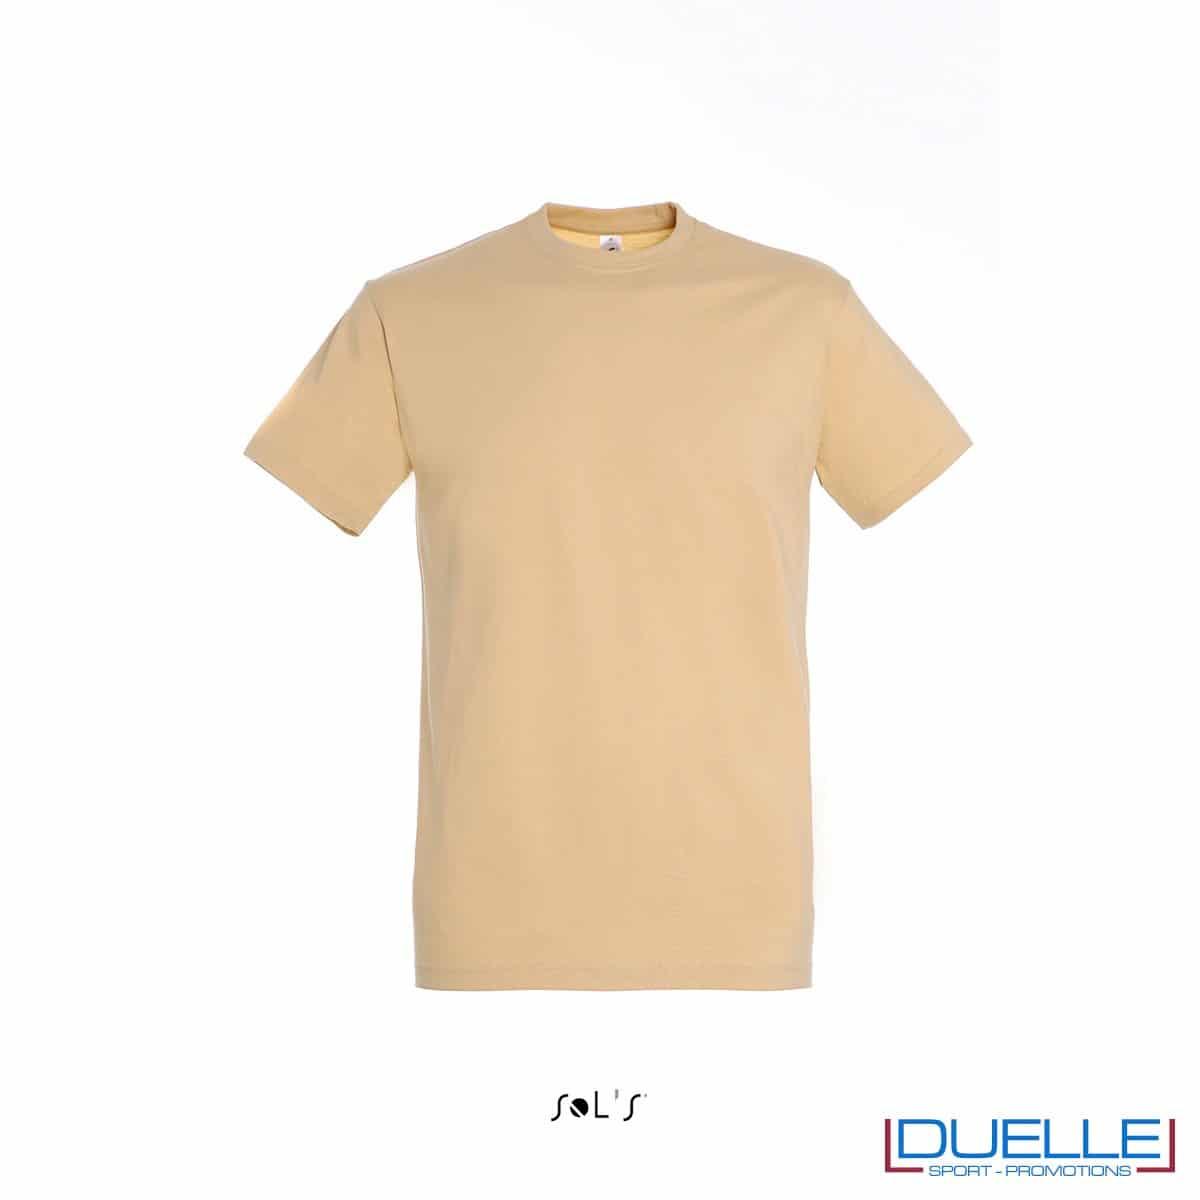 T-shirt promozionale in cotone pesante colore sabbia personalizzata con ricamo o stampa